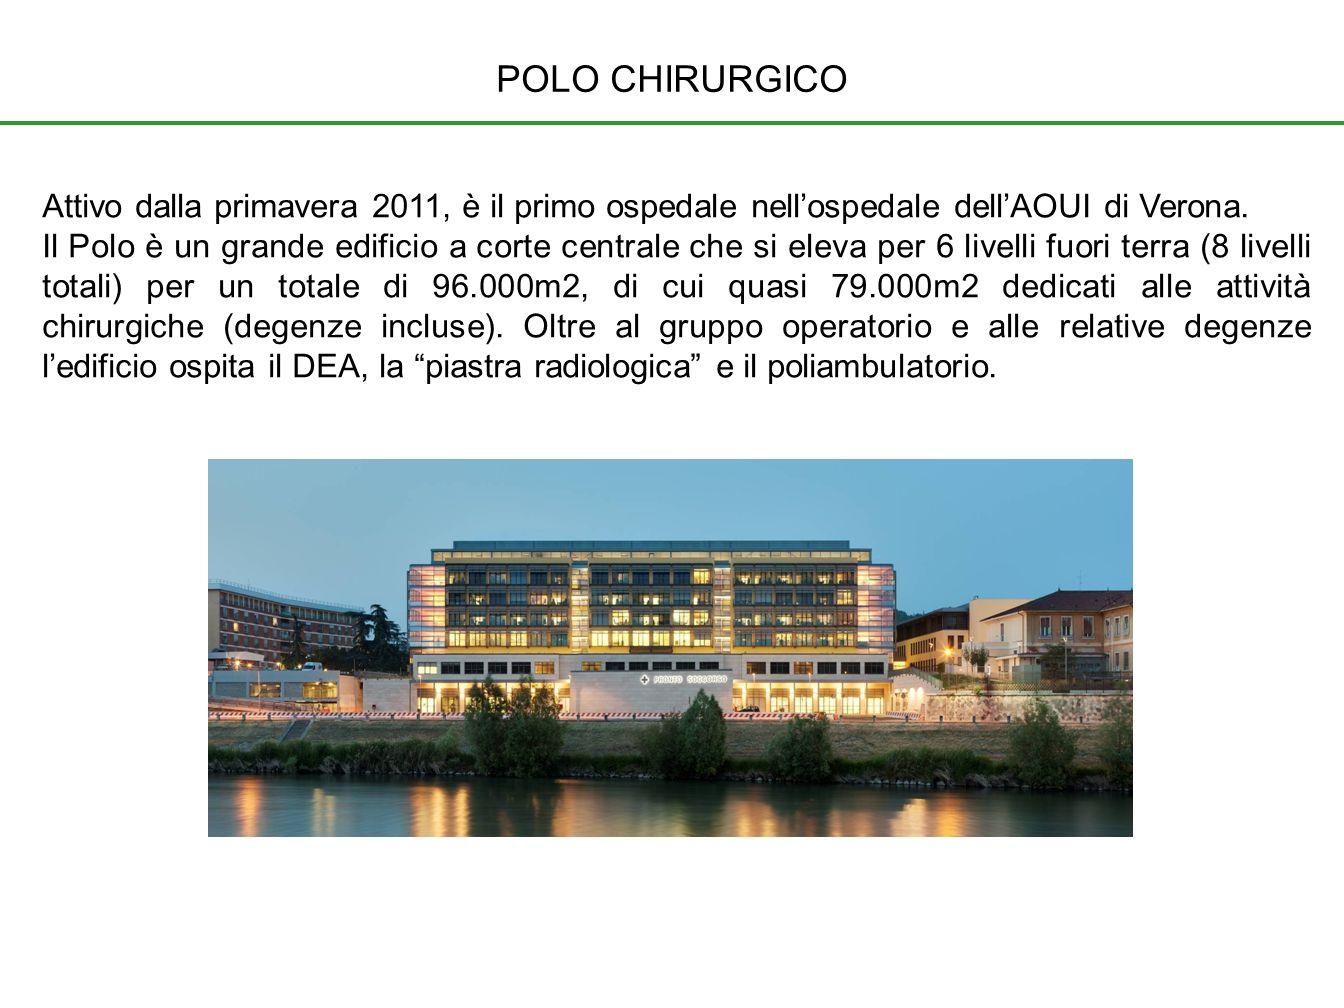 POLO CHIRURGICO Attivo dalla primavera 2011, è il primo ospedale nell'ospedale dell'AOUI di Verona.